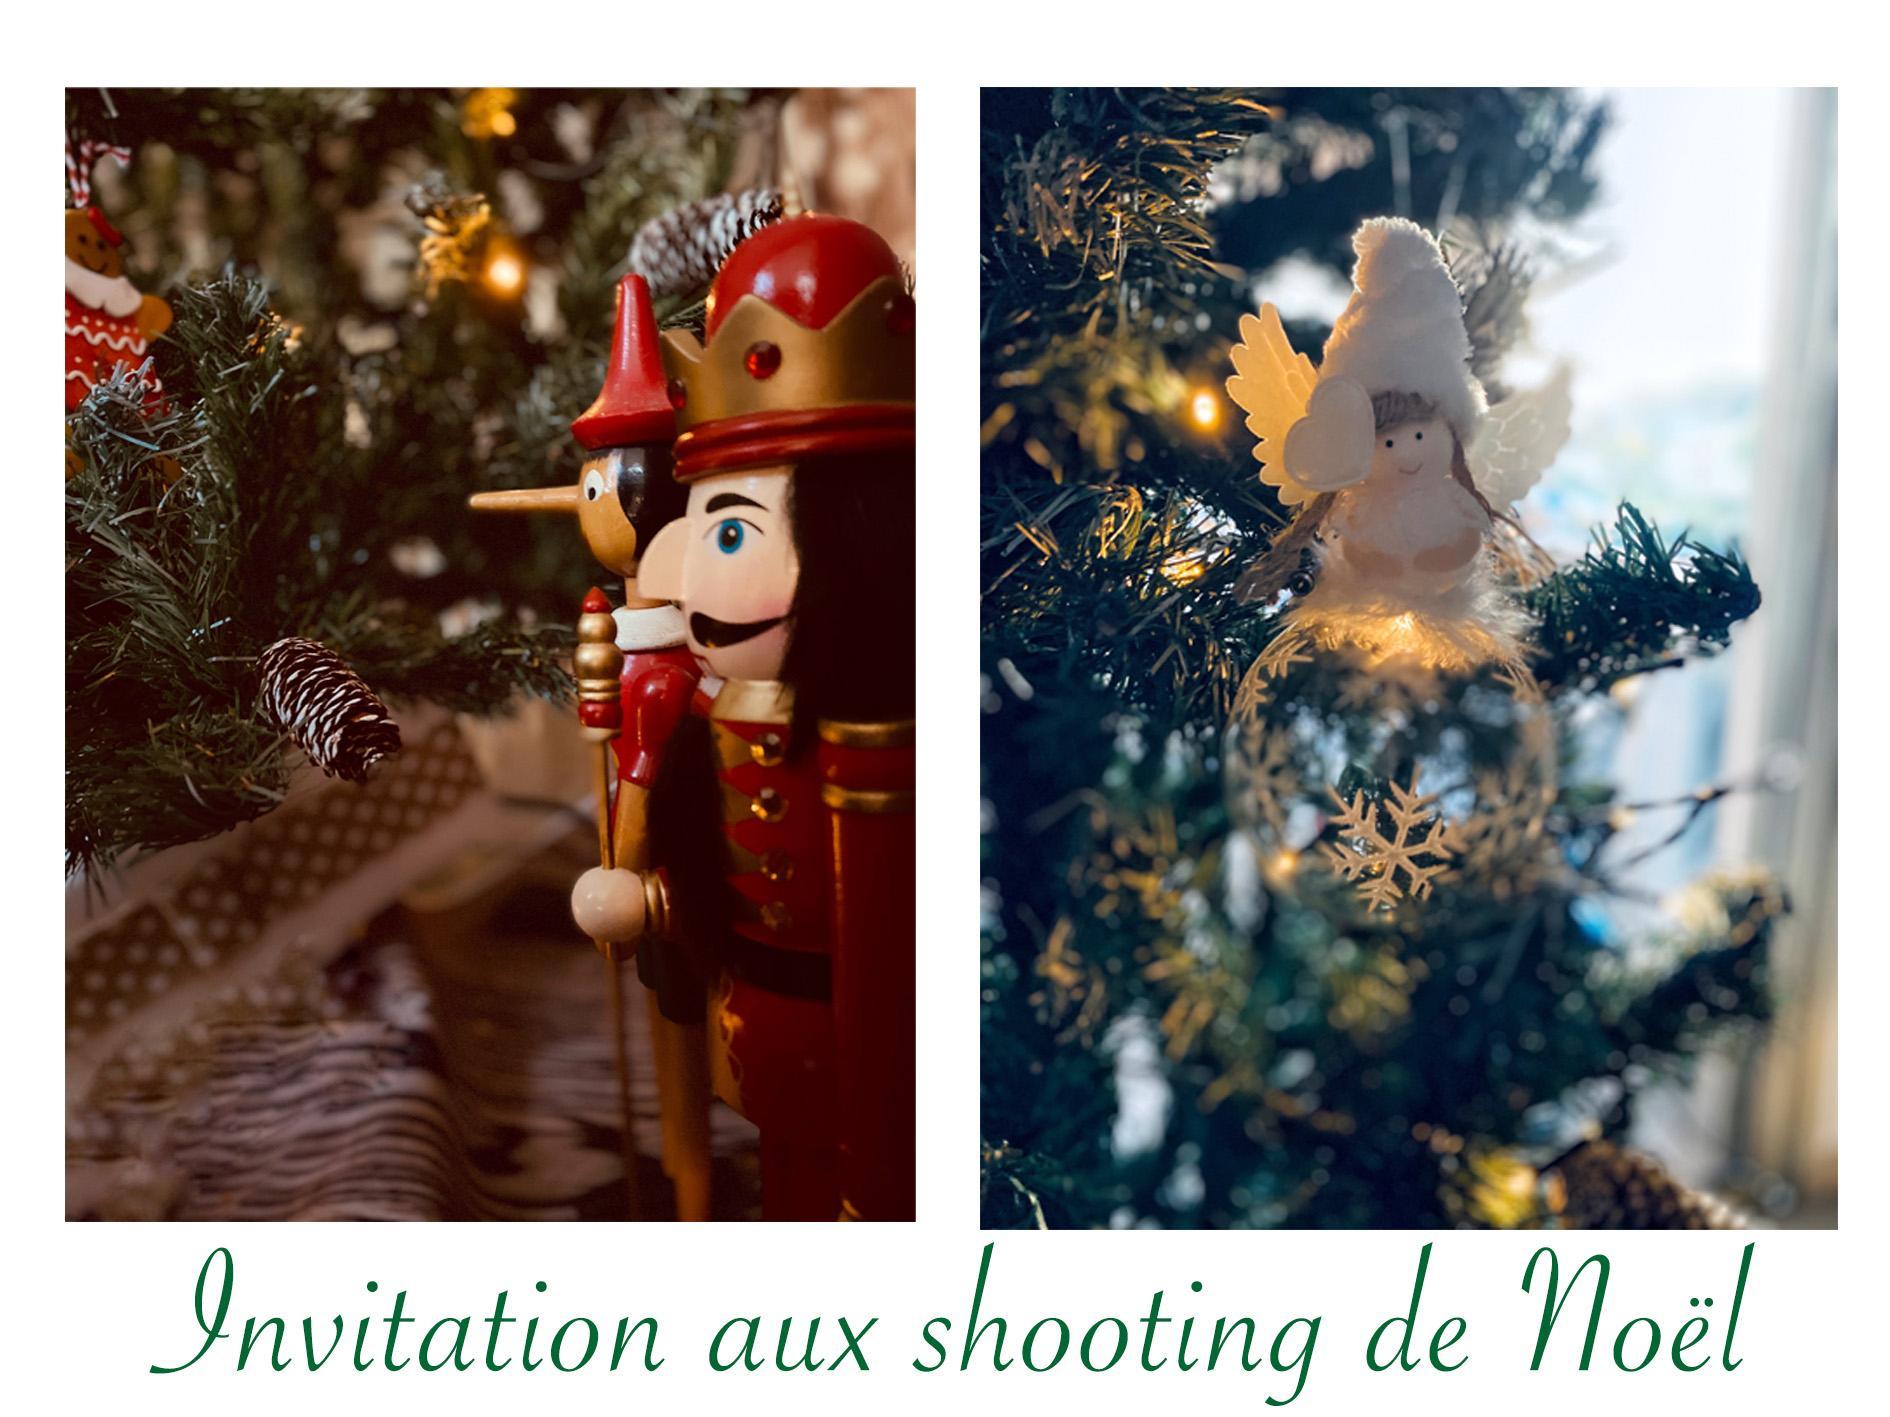 Shooting aux couleurs de Noël